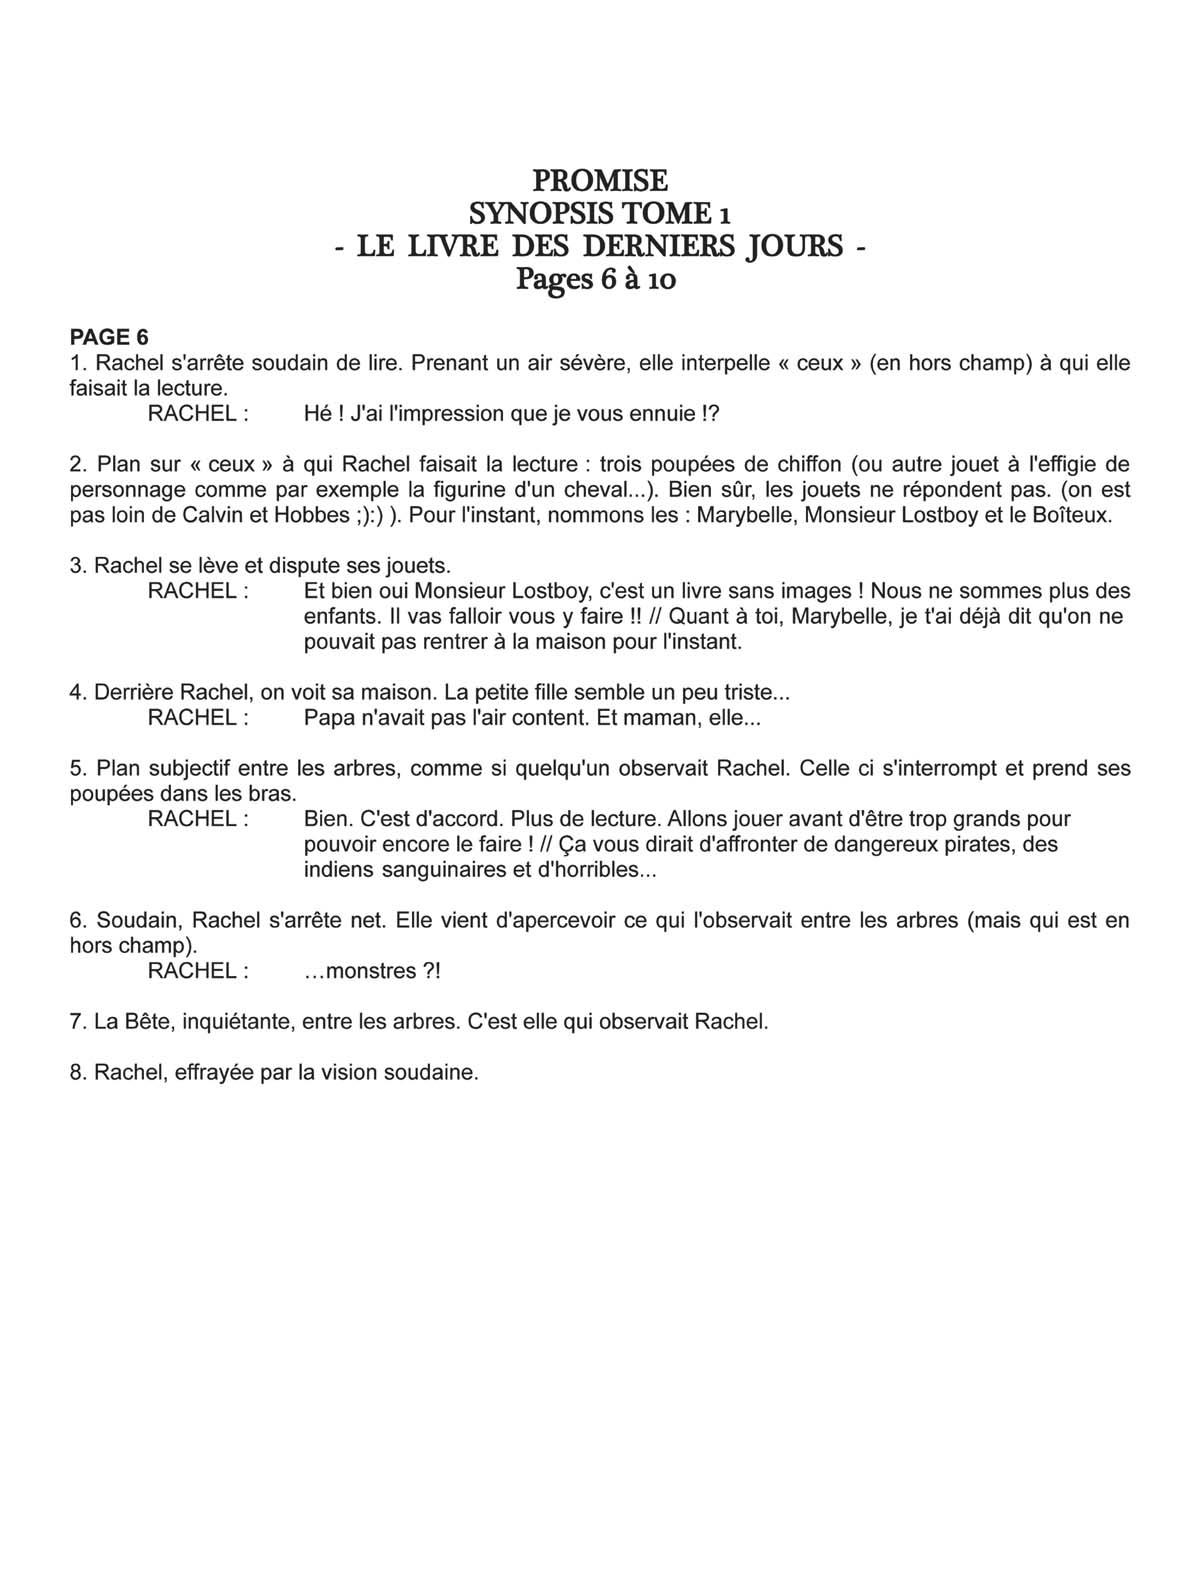 Découpage de la planche 6 du tome 1 © Thierry Lamy